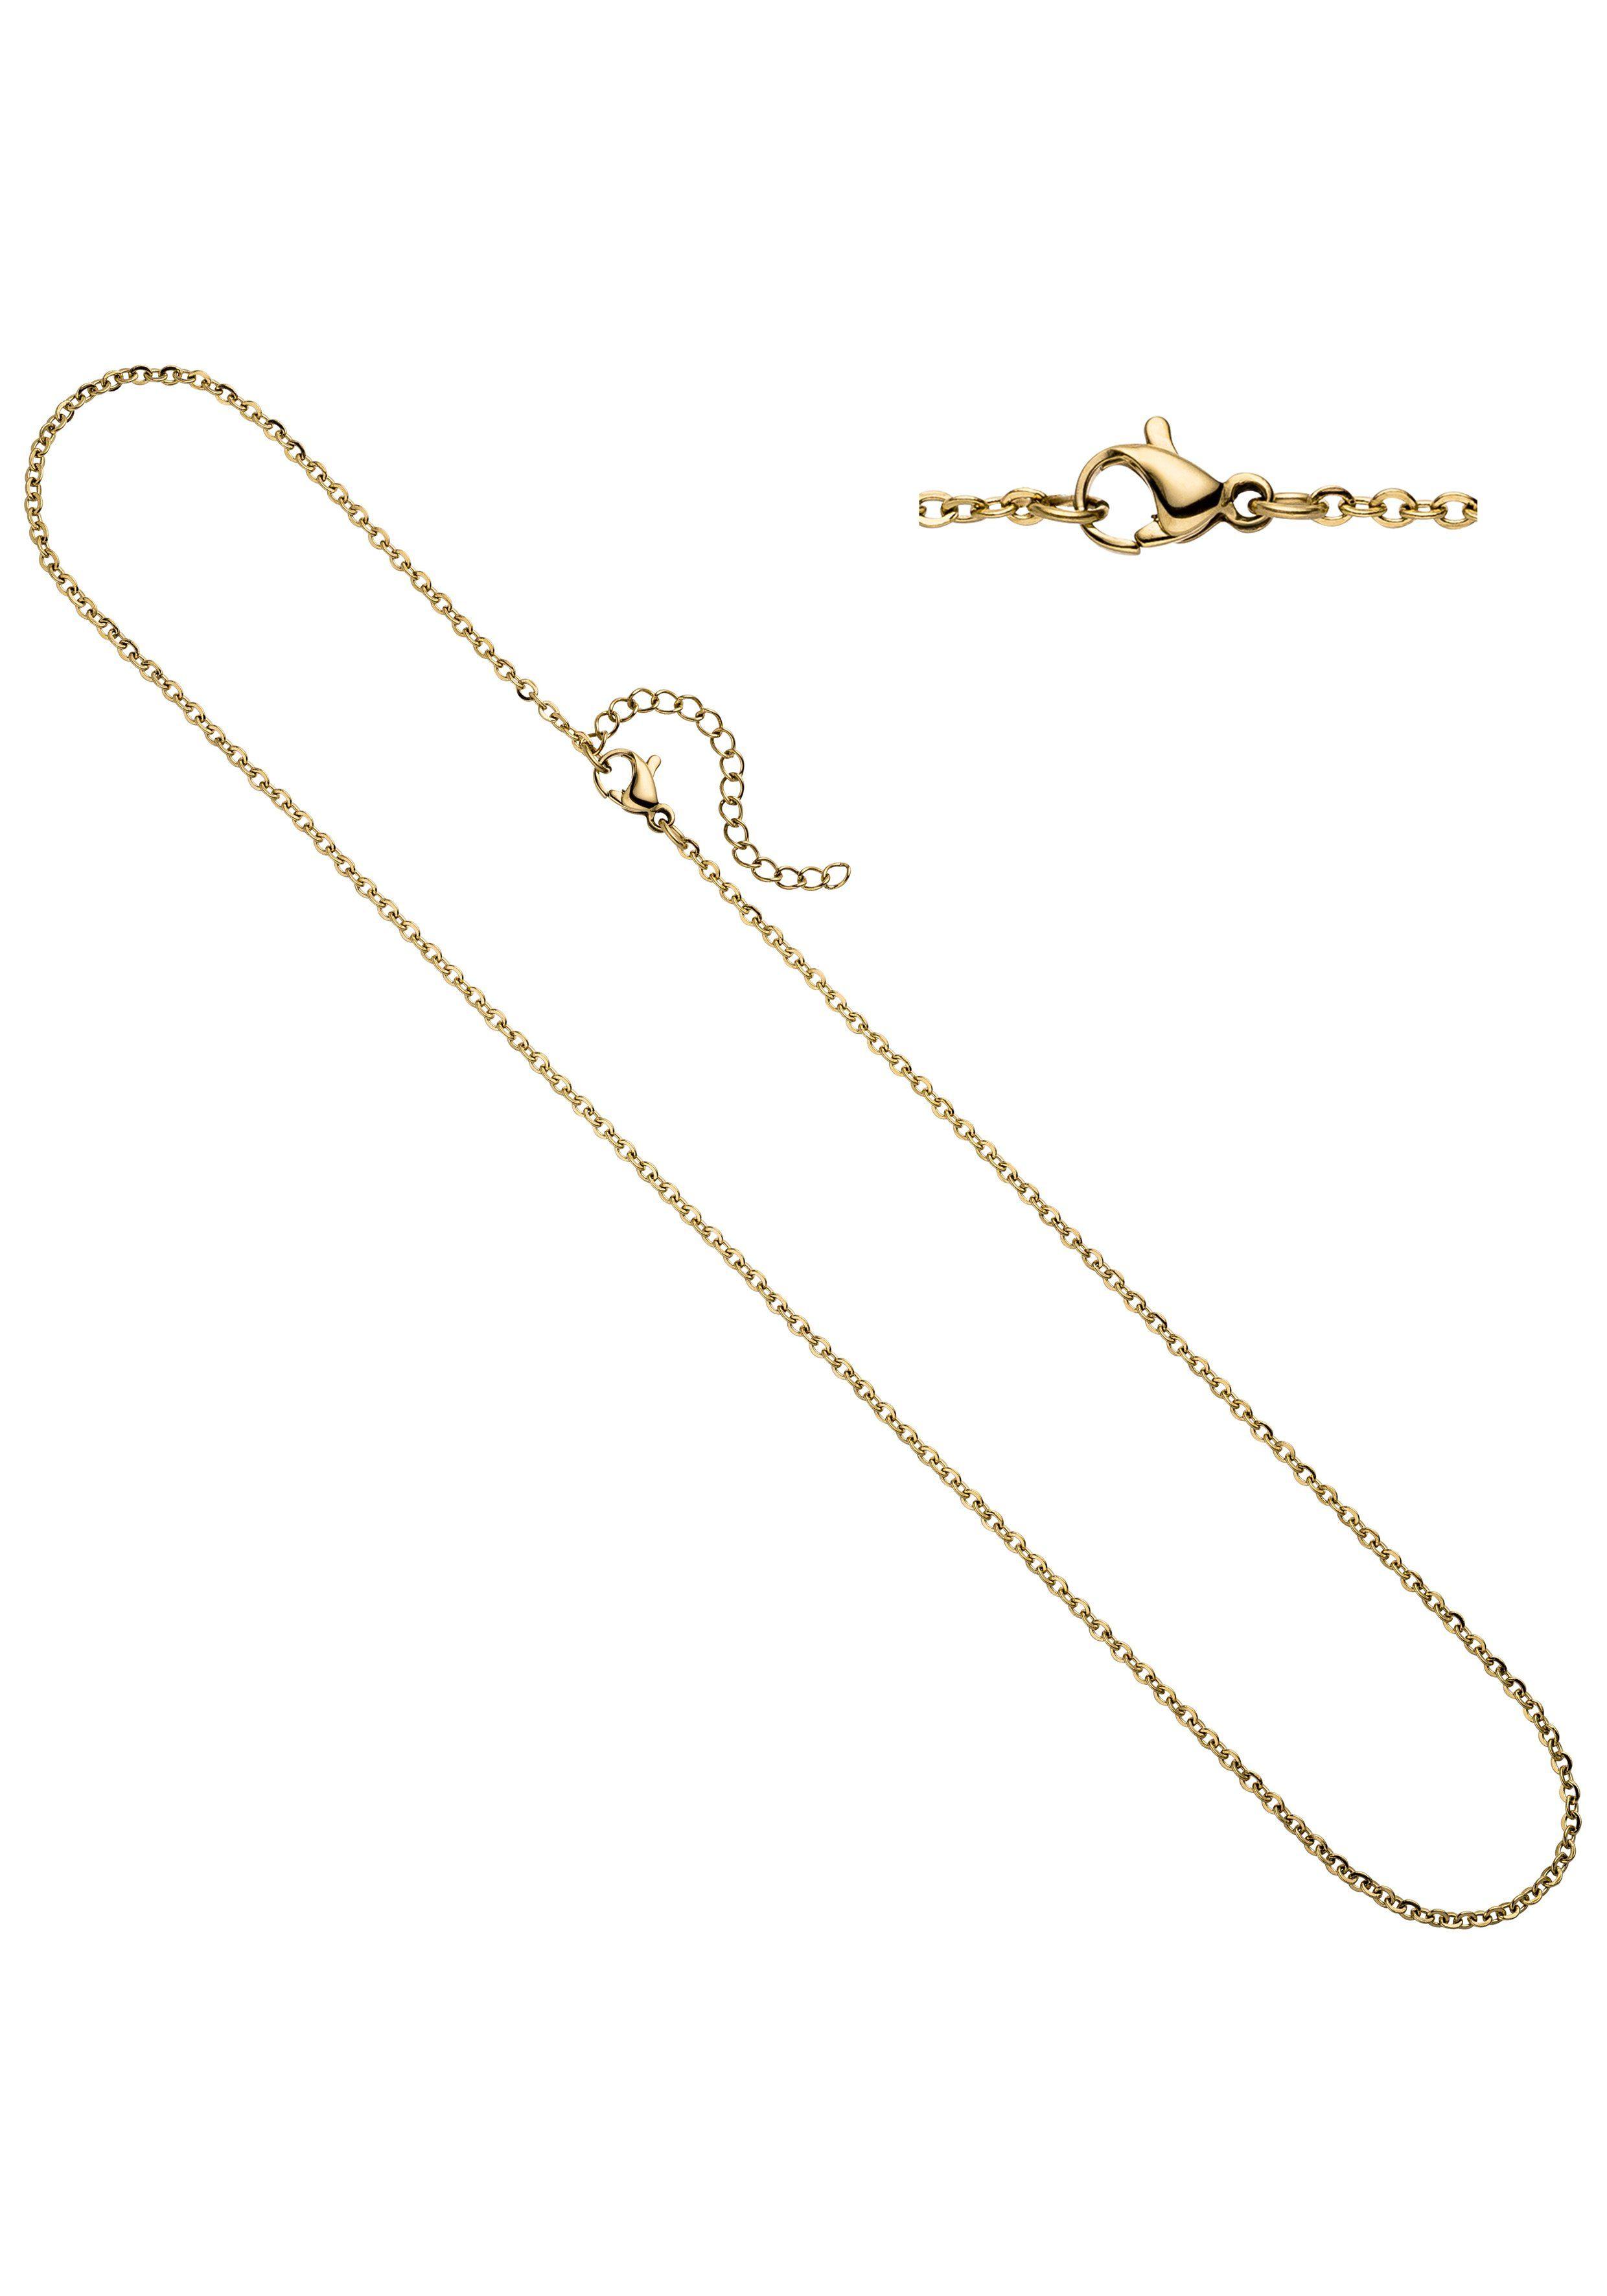 JOBO Kette ohne Anhänger Edelstahl goldfarben 46 cm 47 cm 1,9 mm